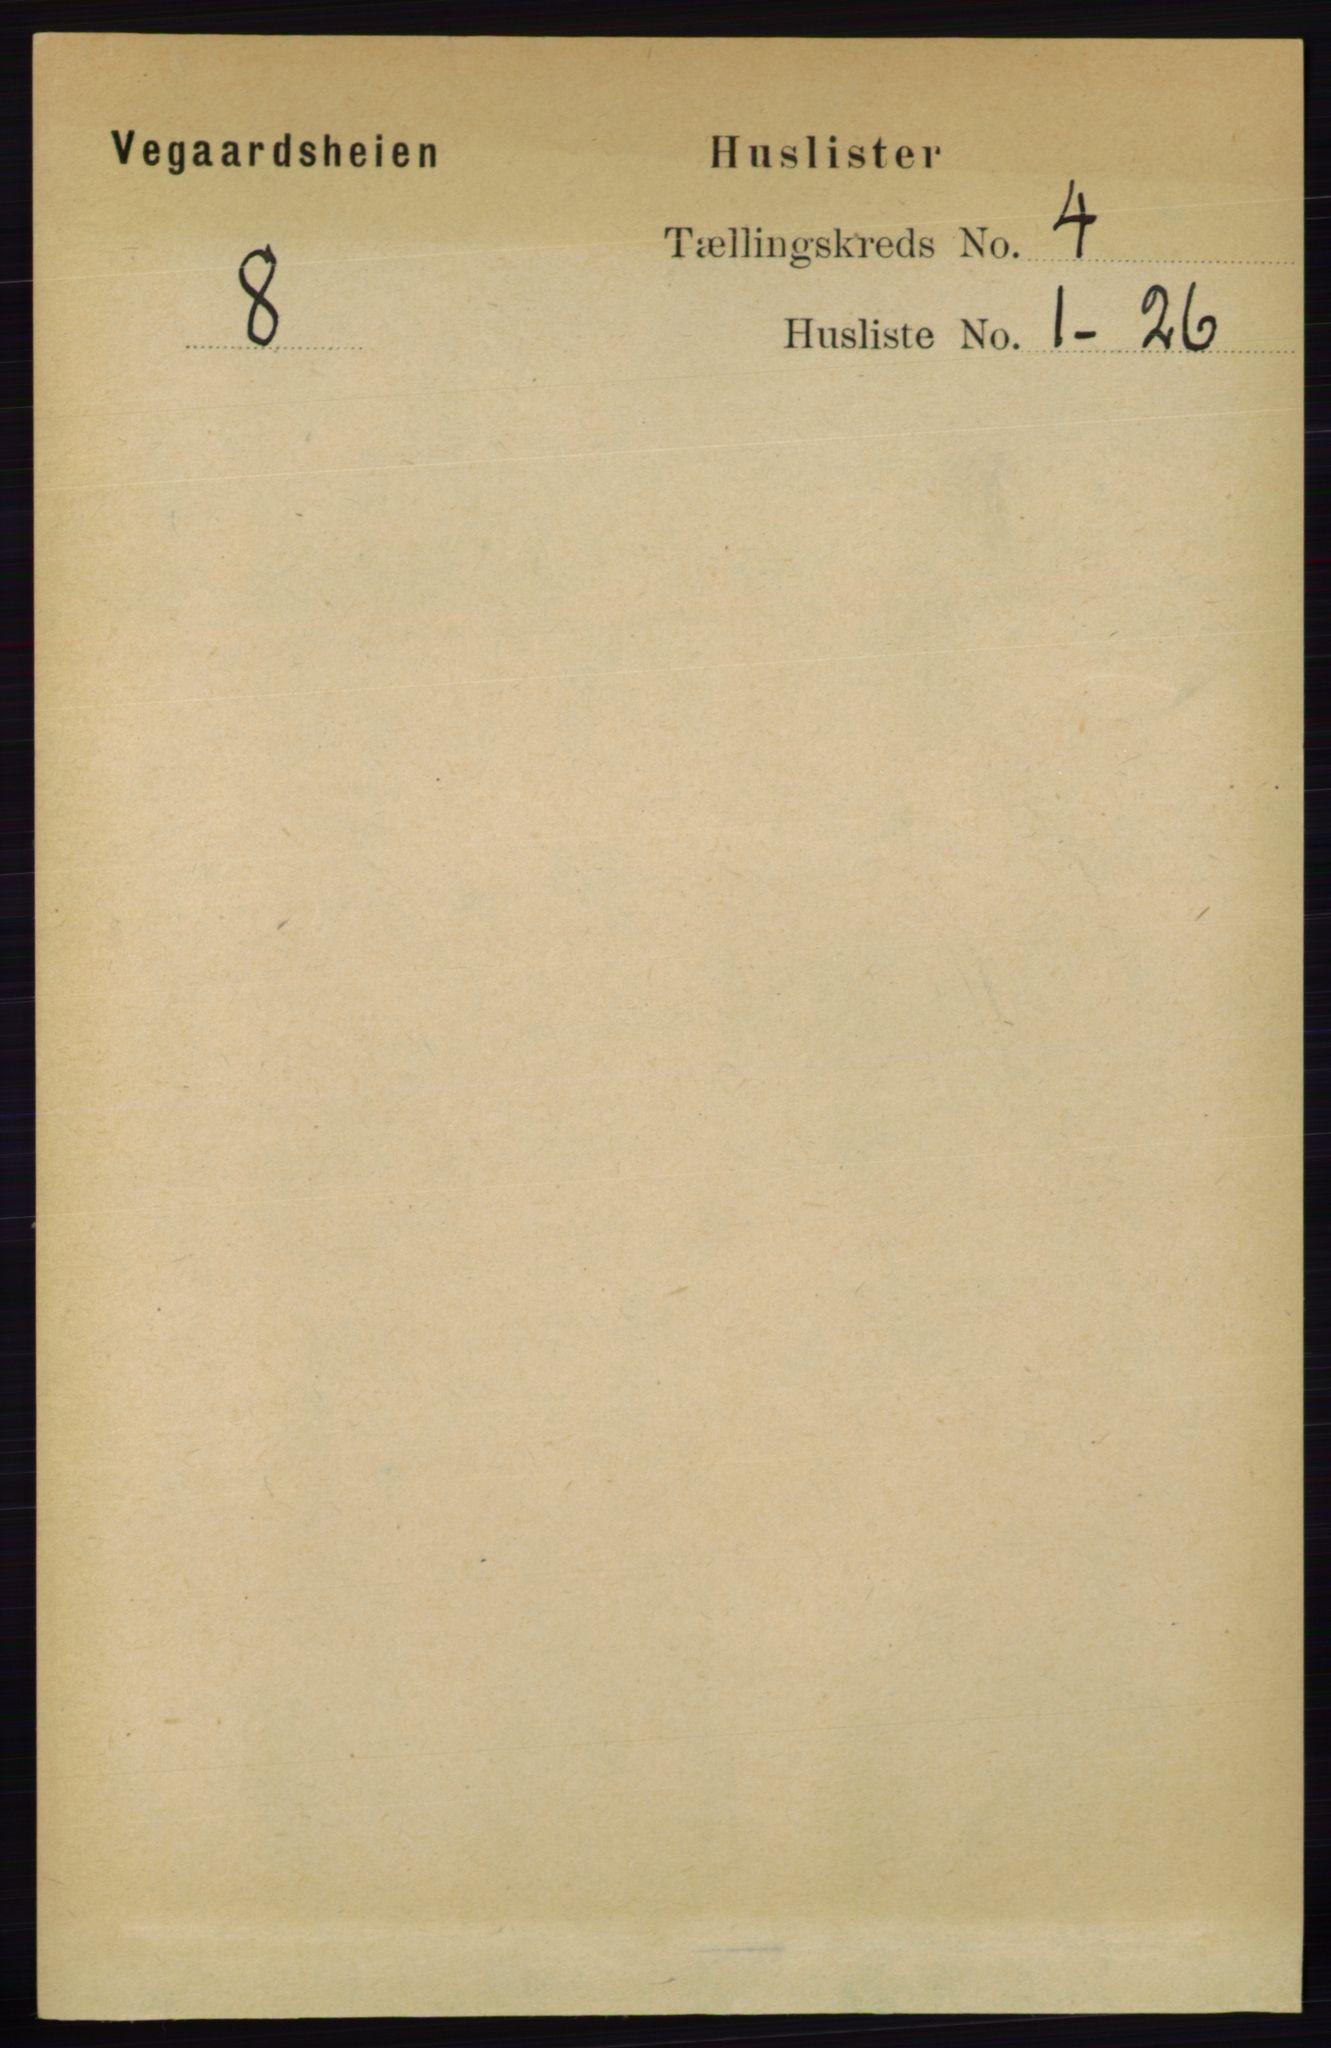 RA, Folketelling 1891 for 0912 Vegårshei herred, 1891, s. 728